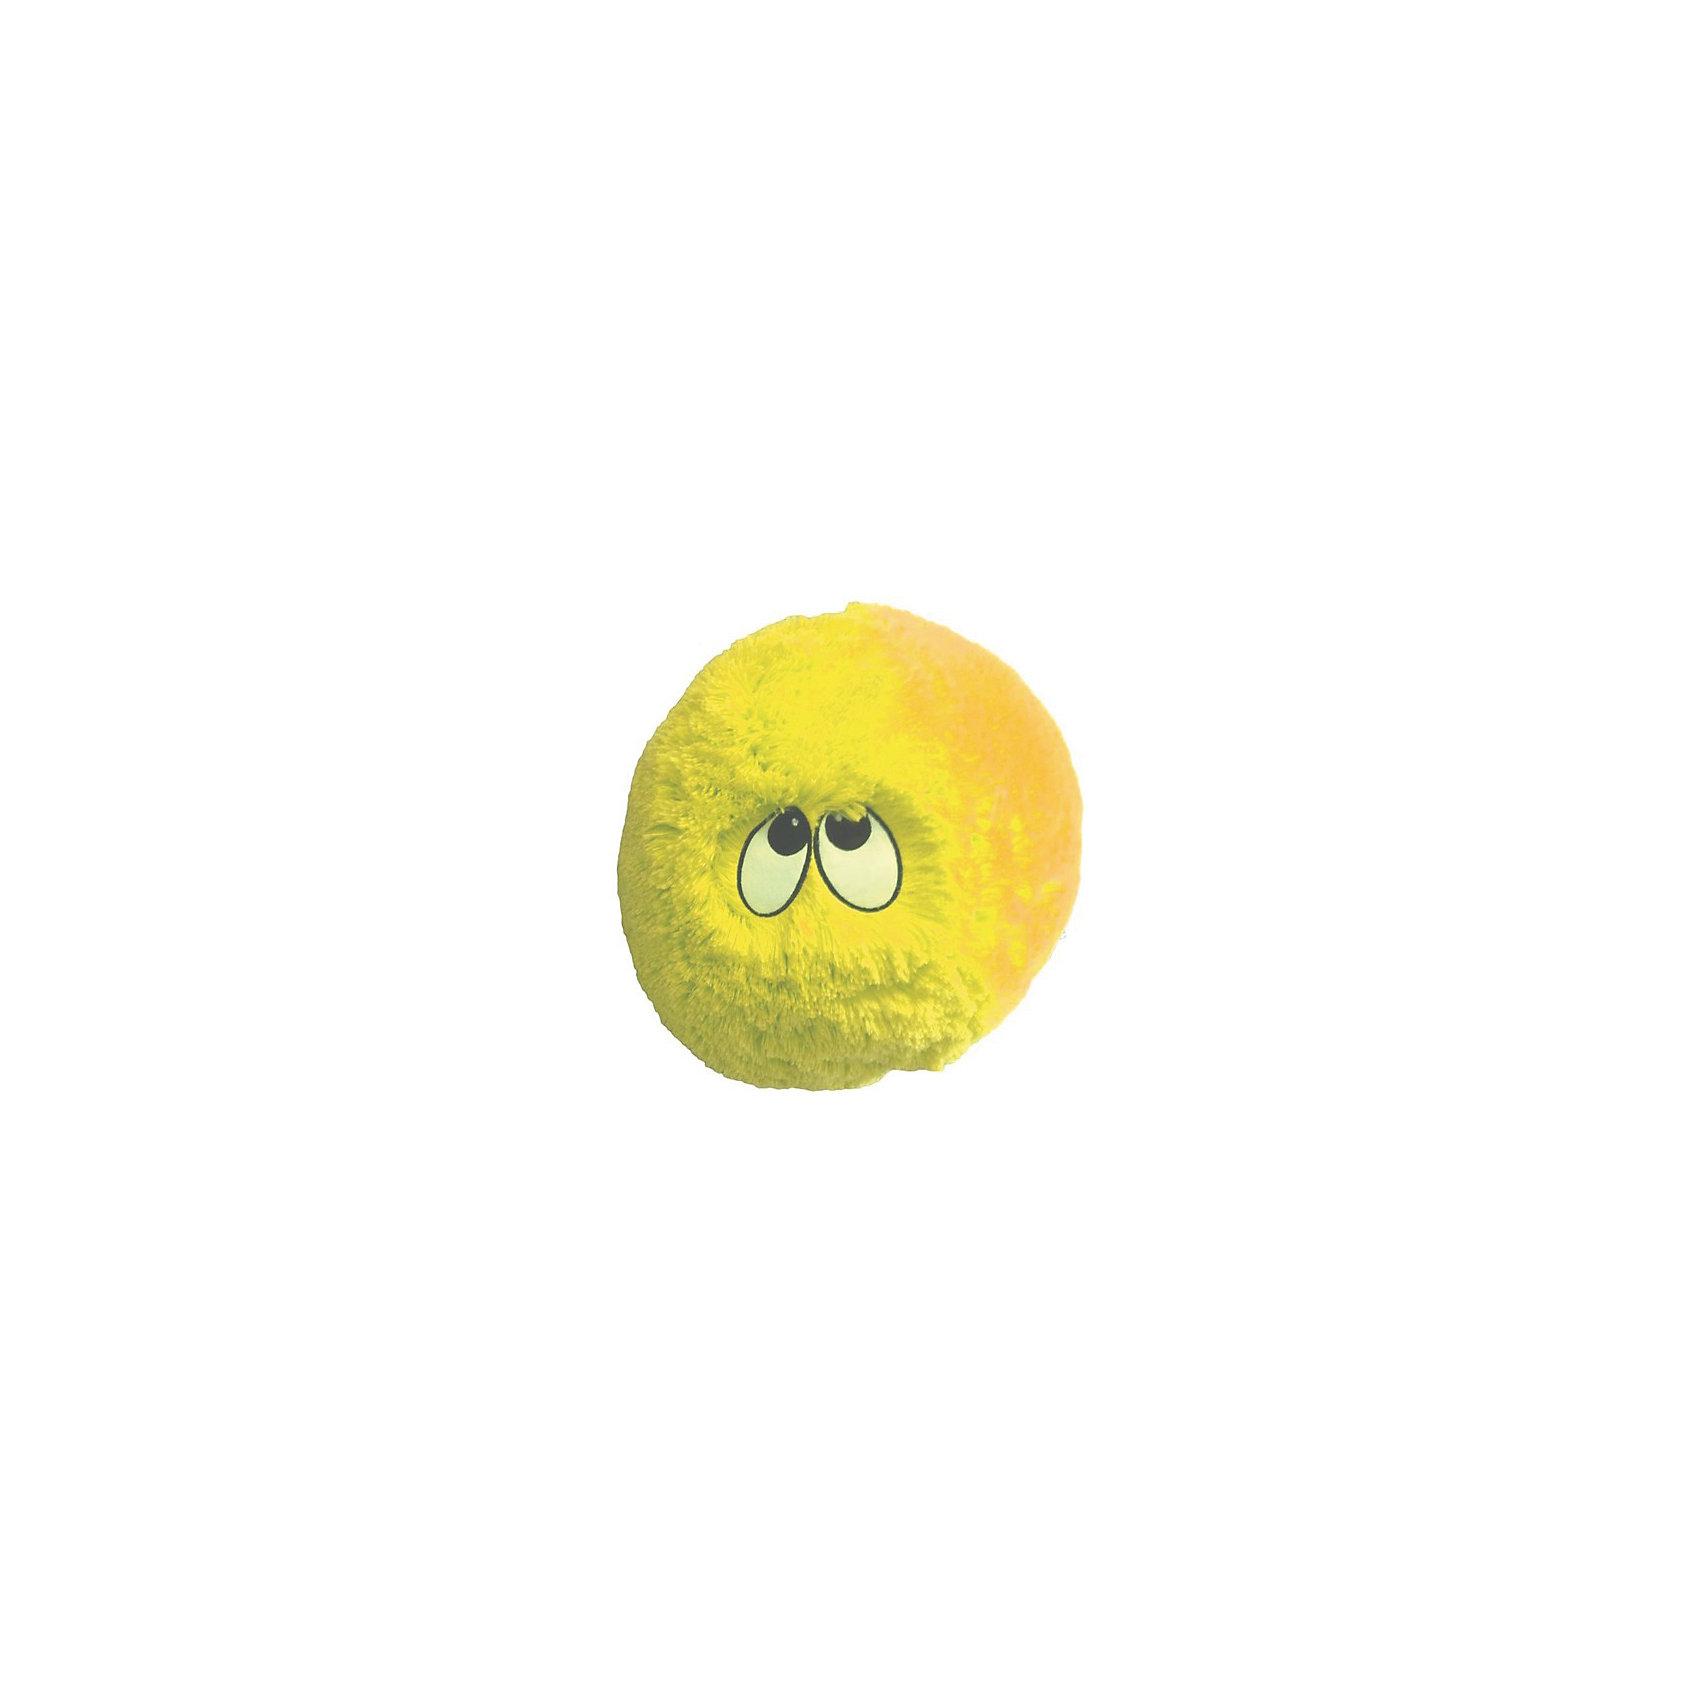 Игрушка Мягкий Камень, Small Toys, желтыйДомашний текстиль<br>Характеристики:<br><br>• Материал верх: плюш, 100% <br>• Материал наполнитель: полиэстер, 100%<br>• Вес: 740 г<br>• Размеры (Д*Ш*В): 35*35*35 см<br>• Особенности ухода: сухая чистка<br><br>Игрушка Мягкий Камень, Small Toys, голубой выполнена из плюша с ворсом средней длины. Представляет собой форму шара-камня с большими выразительными глазками. У игрушки отсутствуют пластиковые элементы, за счет чего она безопасна даже для самых маленьких детей. <br><br>Игрушку Мягкий Камень, Small Toys, желтый можно купить в нашем интернет-магазине<br><br>Ширина мм: 35<br>Глубина мм: 35<br>Высота мм: 35<br>Вес г: 740<br>Возраст от месяцев: 36<br>Возраст до месяцев: 1188<br>Пол: Унисекс<br>Возраст: Детский<br>SKU: 6727937